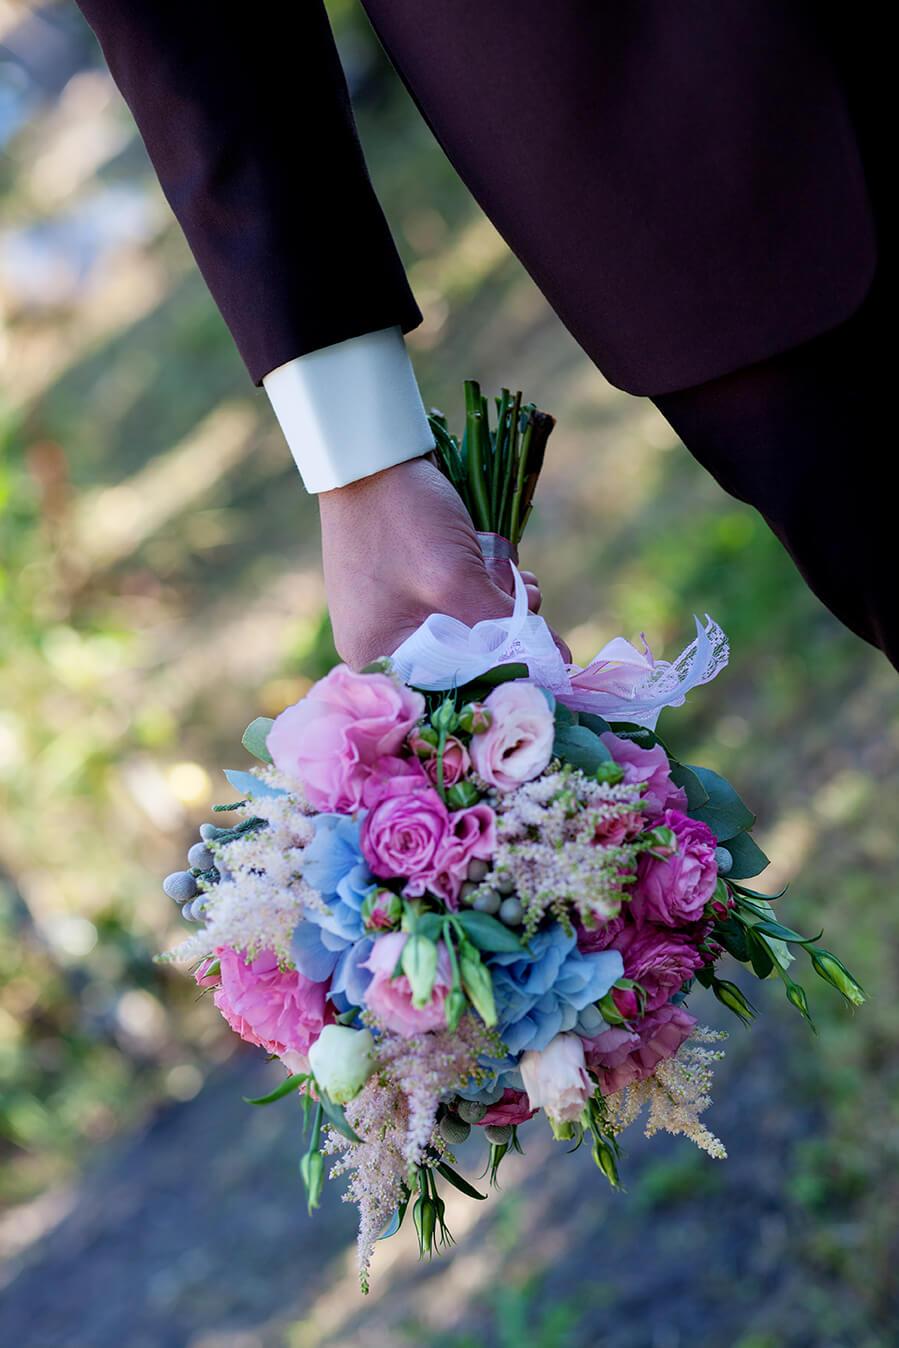 svadba-zhenih-foto-video-svadebnoe-utro-idei-9